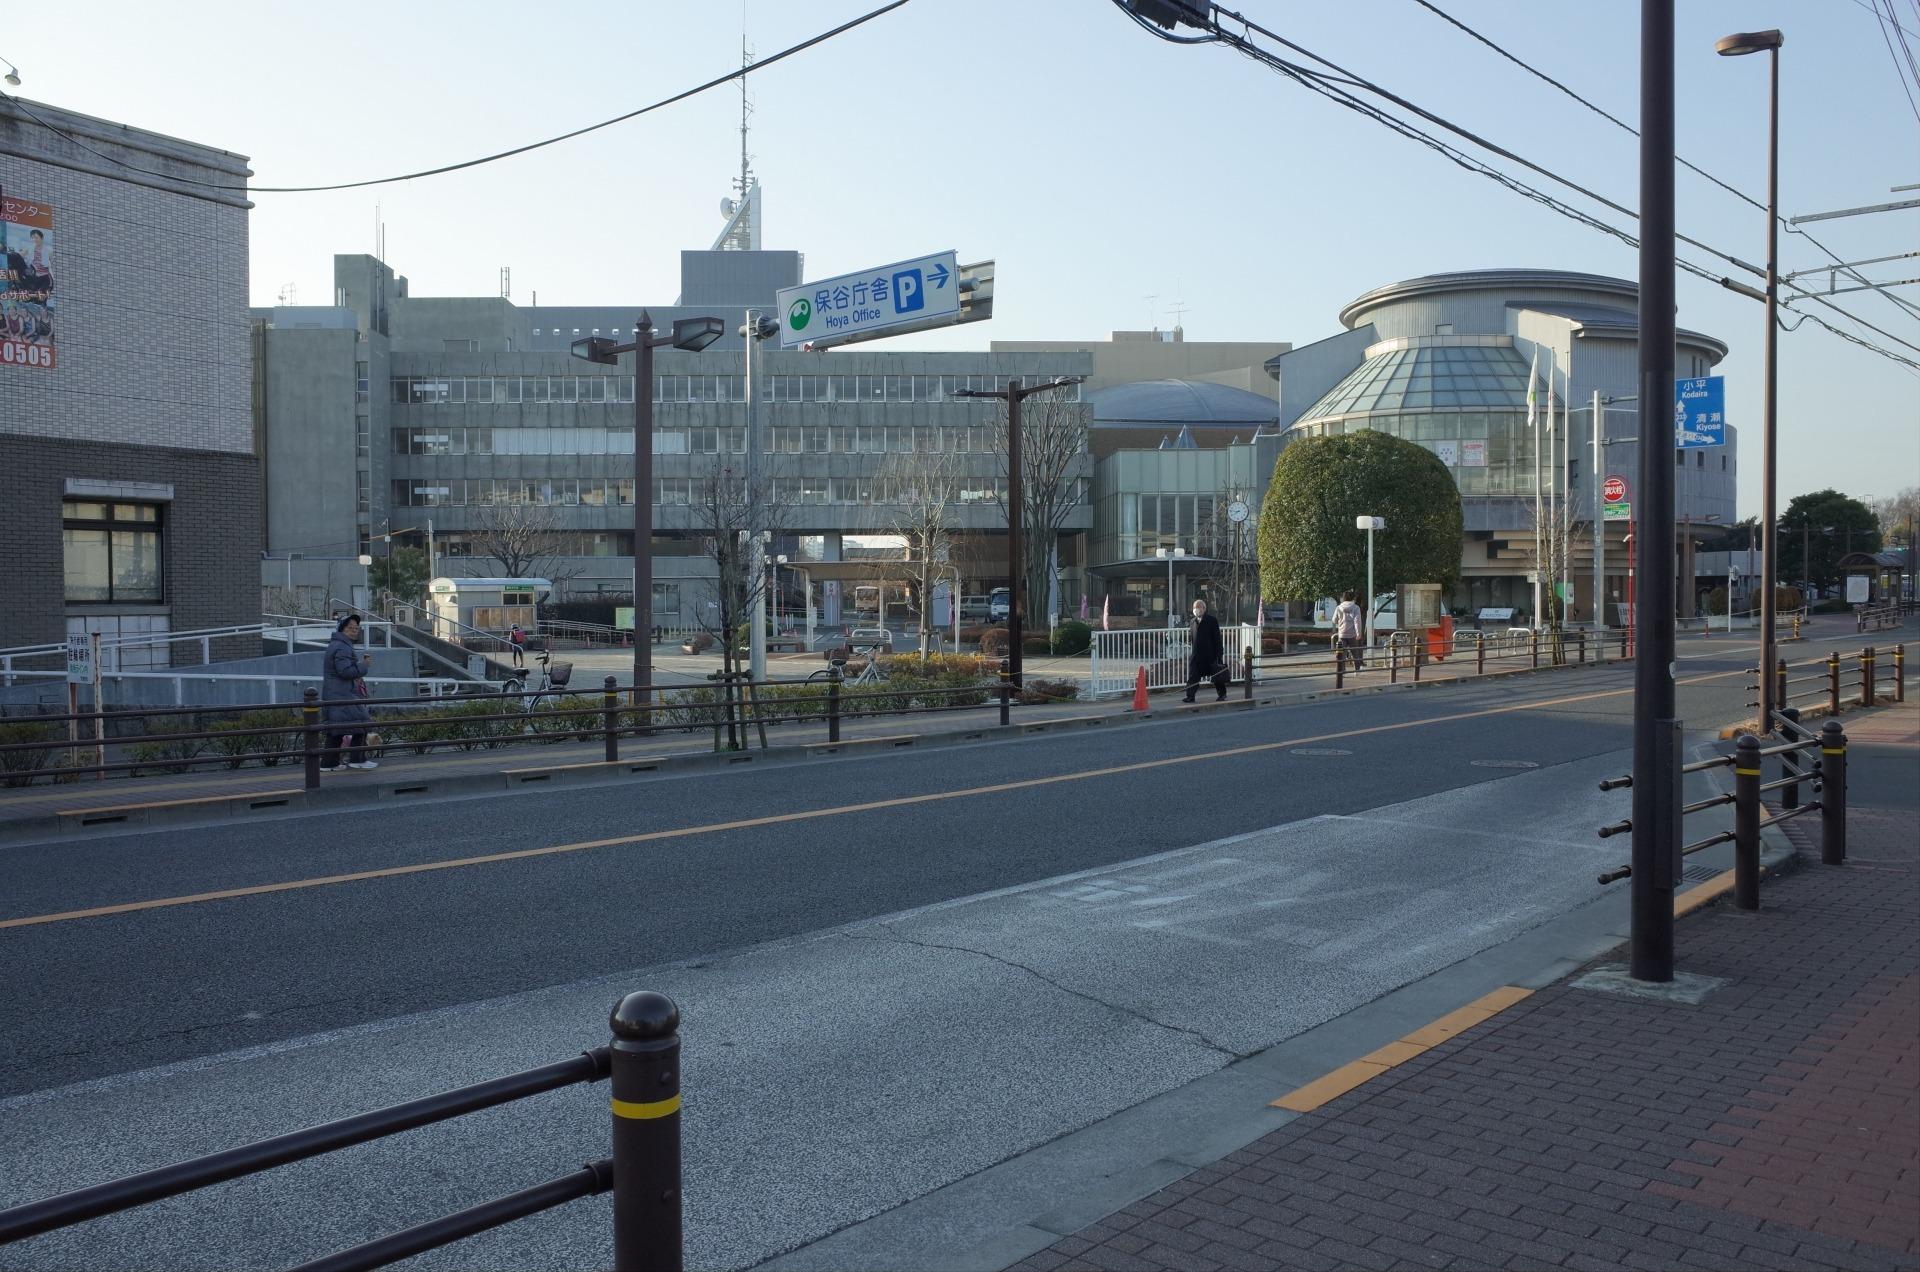 西東京市でおすすめの部屋の片付け代行業者5社を厳選紹介